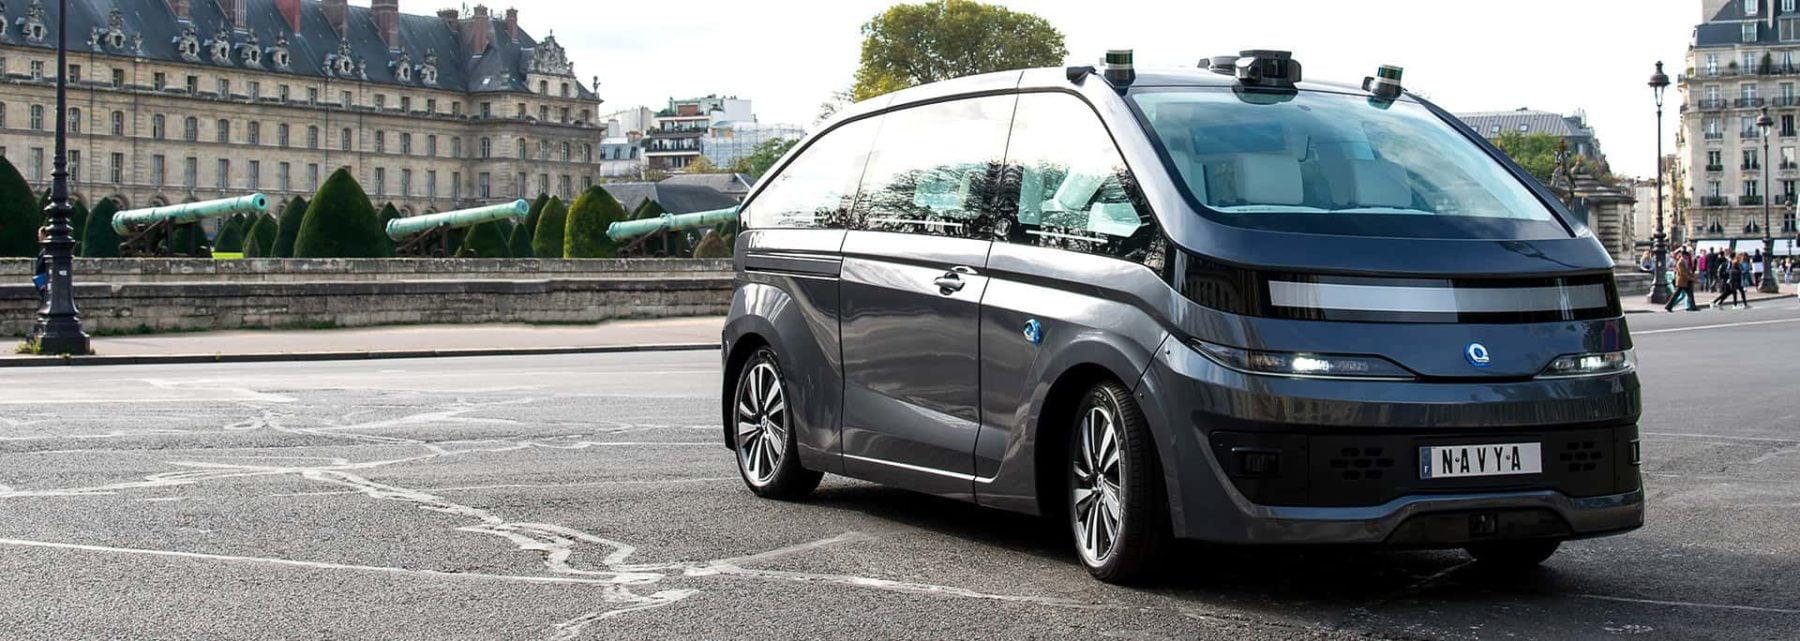 autonom-cab High-Tech : 5 technologies qui vont faire parler d'elles en 2018 !